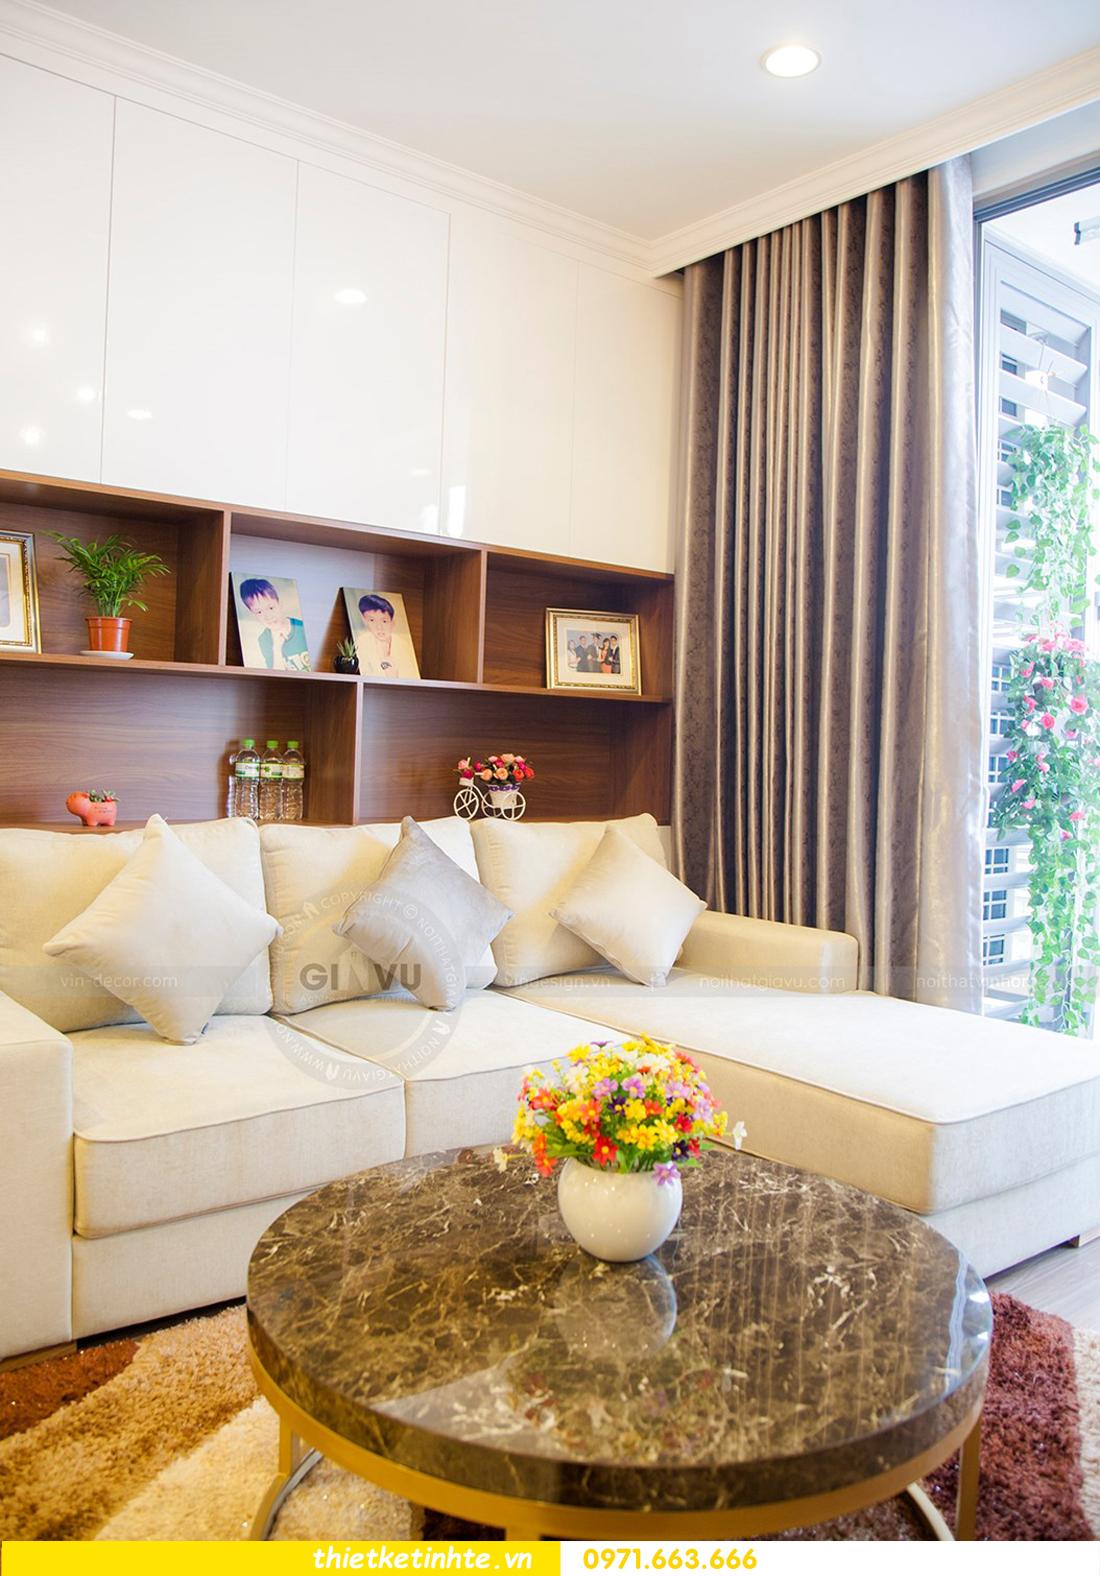 thiết kế hoàn thiện nội thất chung cư Park Hill 2 căn hộ 16 anh Thắng 09